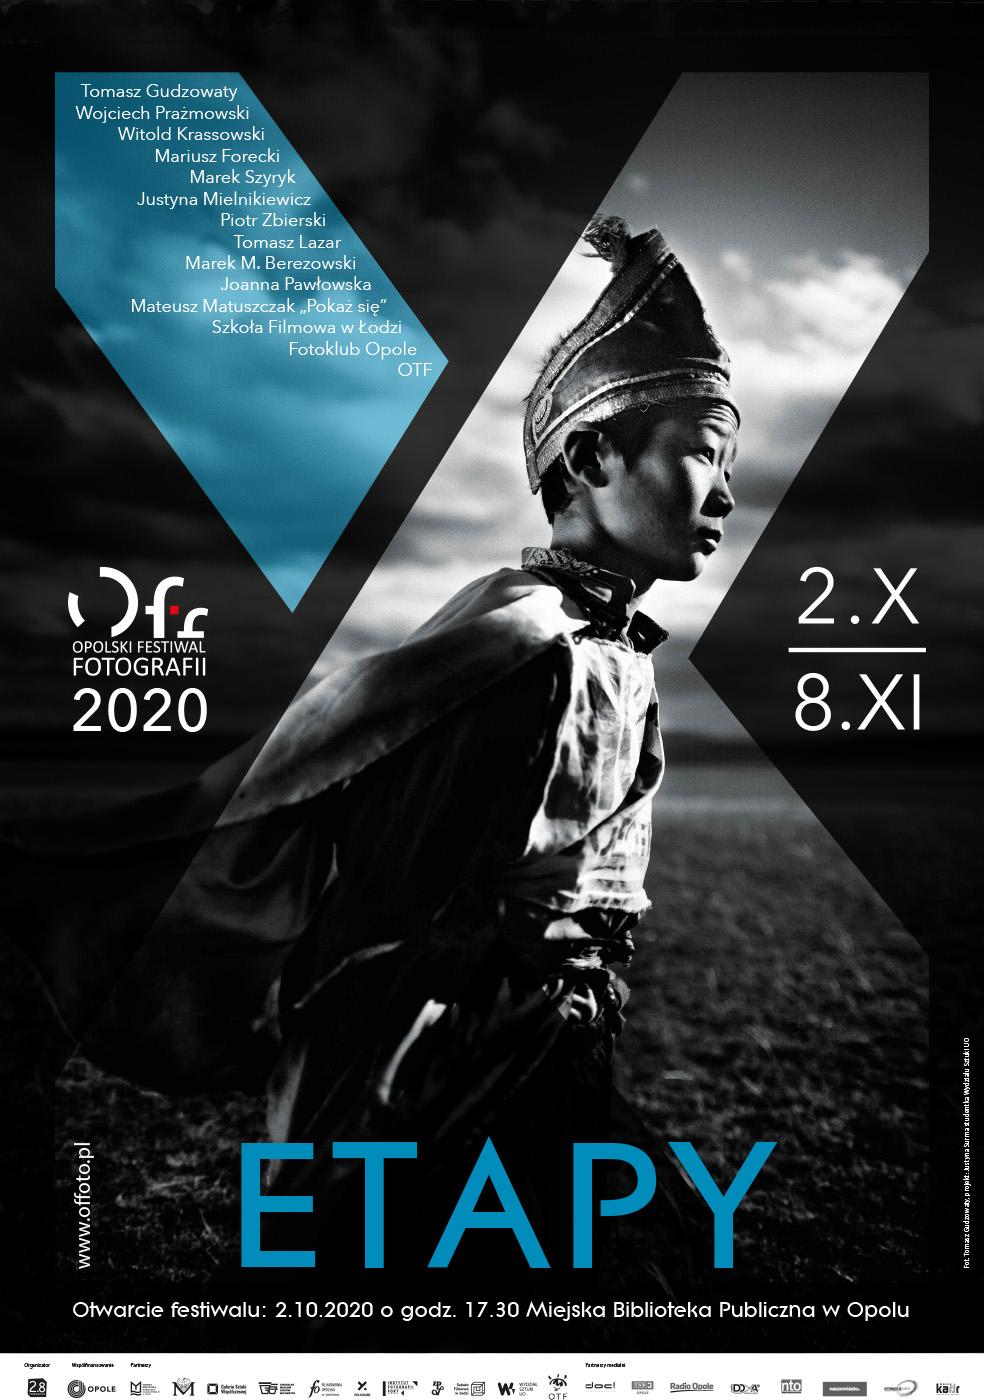 Plakat 10. OFF. Autorem fotografii na plakacie jest Tomasz Gudzowaty, a autorką projektu Justyna Surma